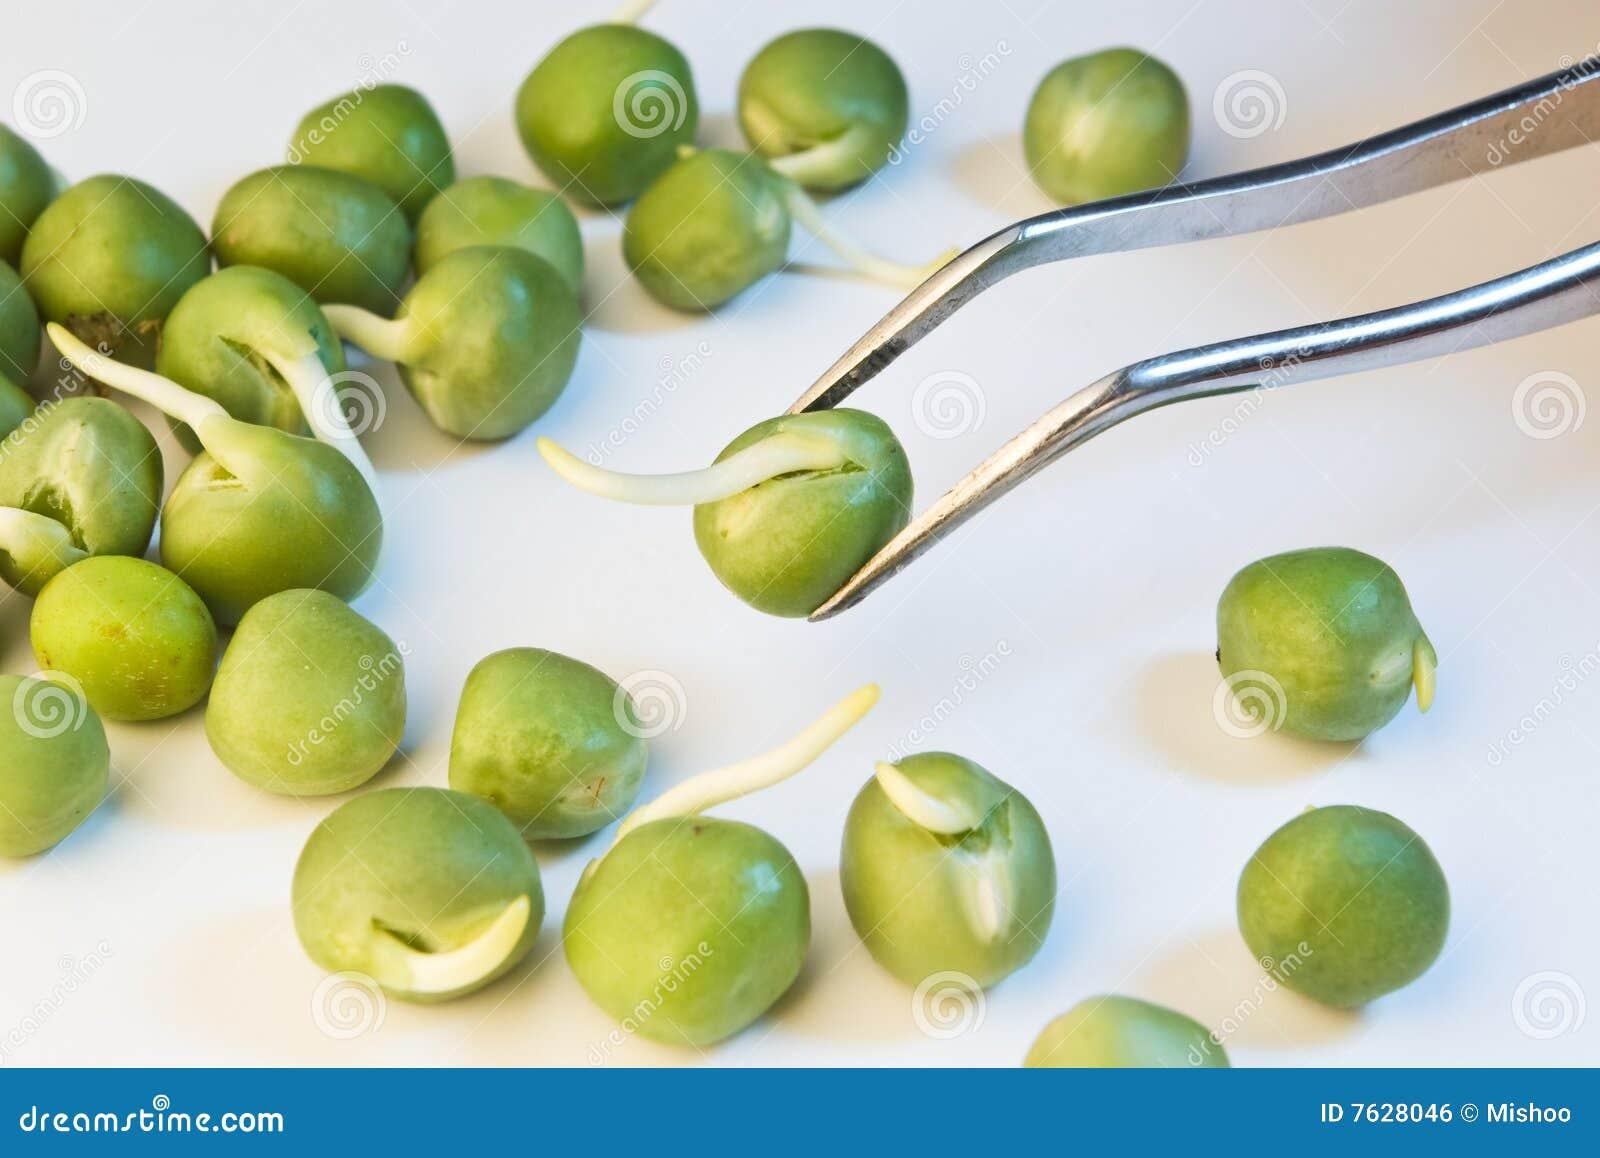 Piselli germinati